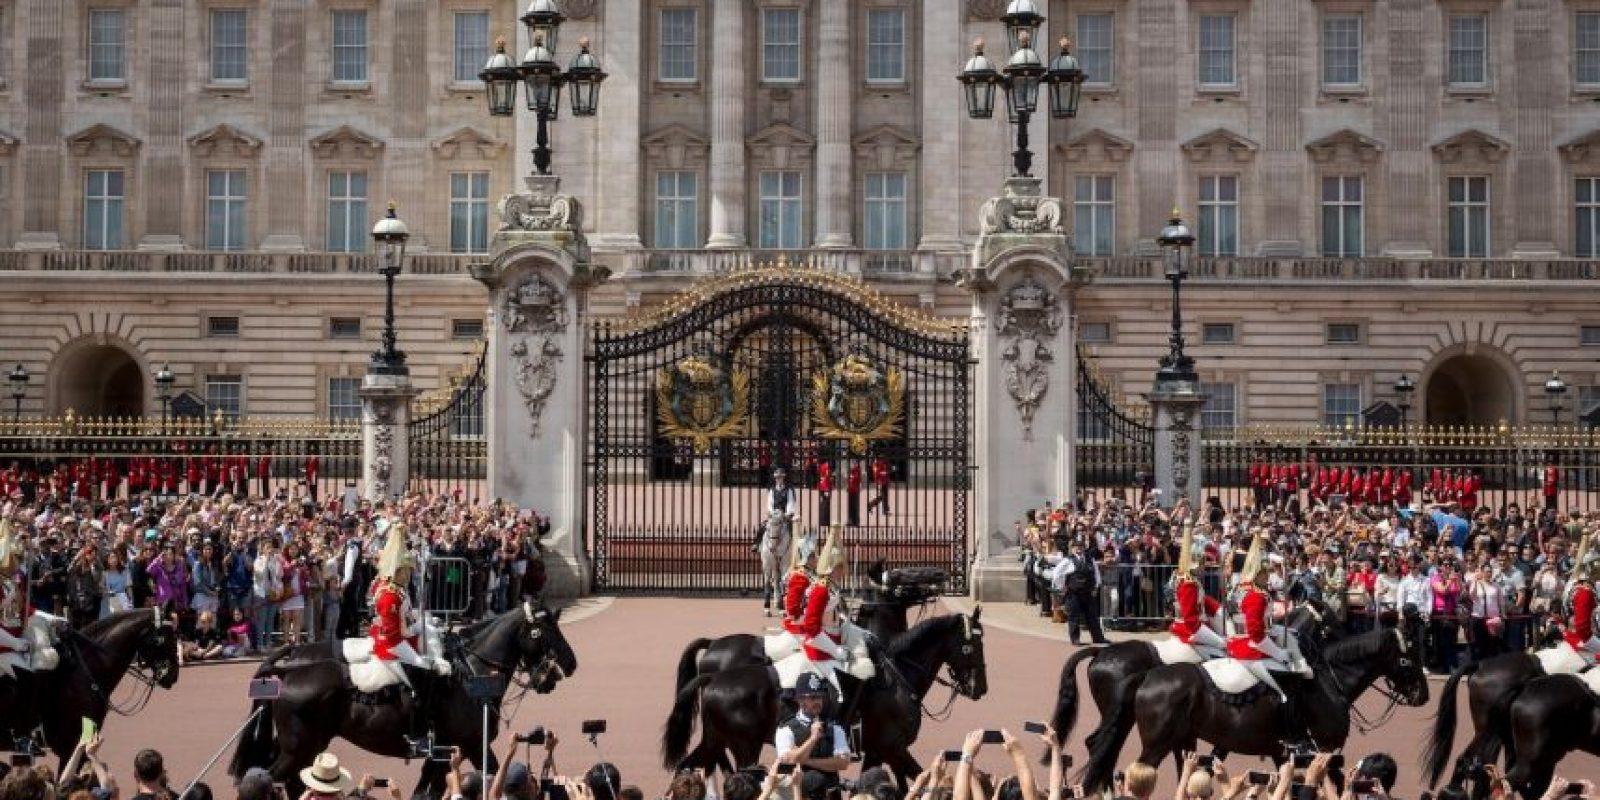 10. Para obtener el pasaporte de Reino Unido se tiene que pagar 110 dólares. Foto:Getty Images